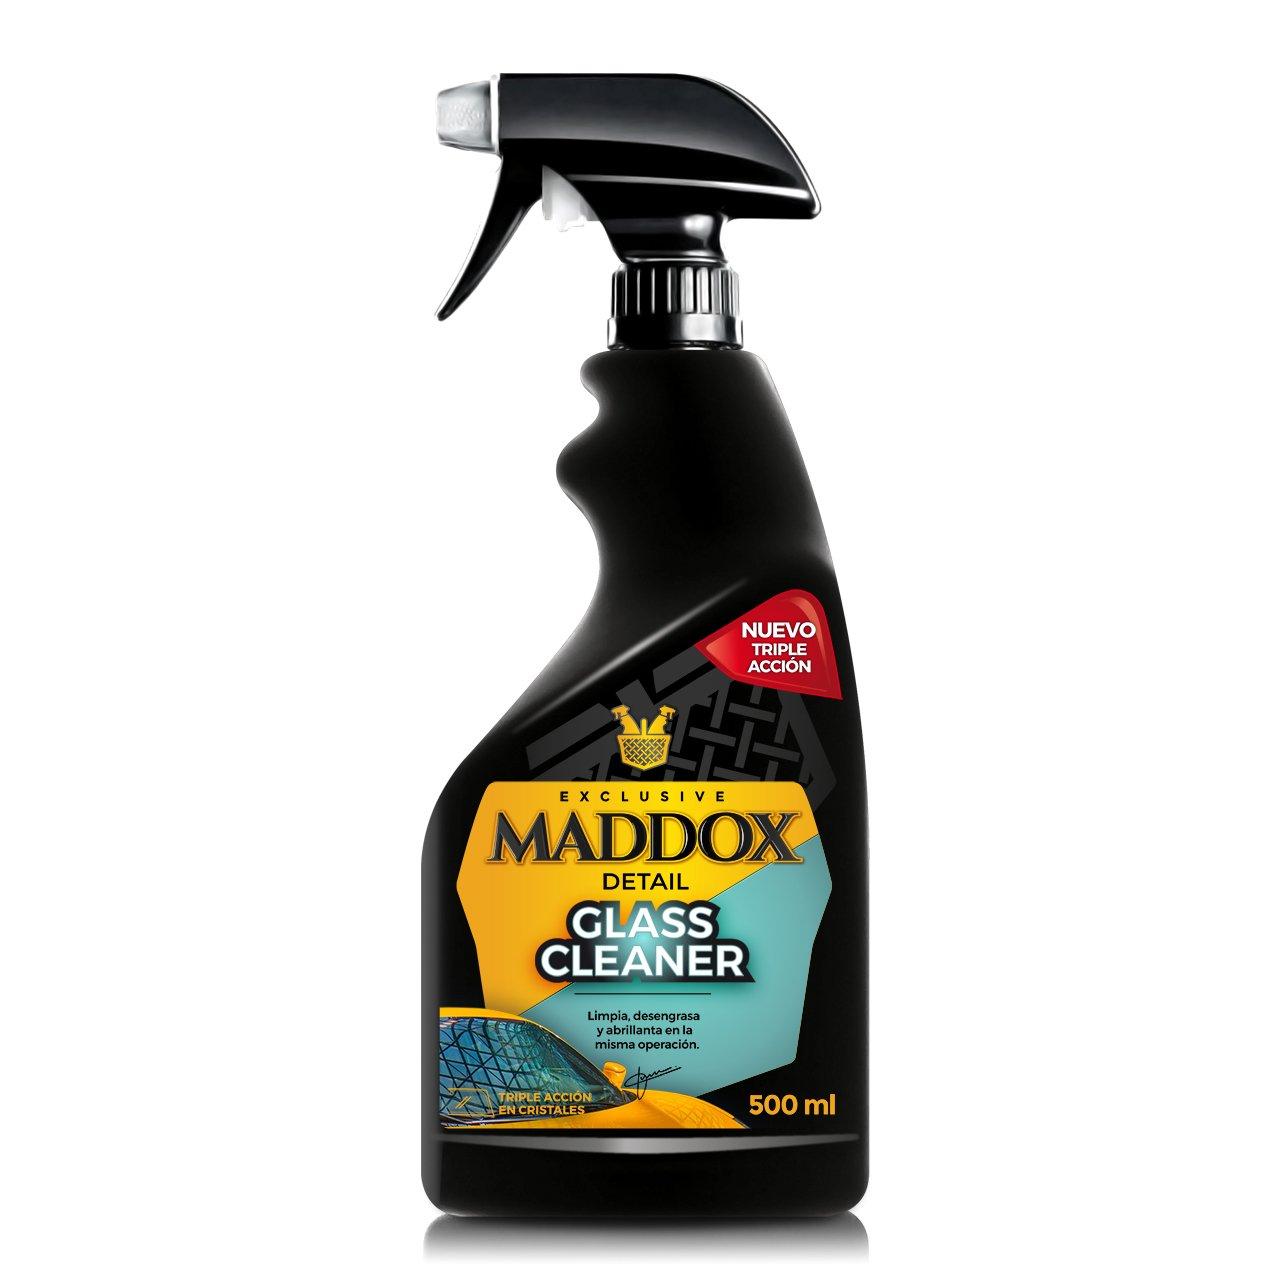 Maddox Detail 20101 Glass Cleaner-Limpiacristales Triple acció n, Limpia, desengrasa y abrillanta (500ml) Maddox Automoción SL